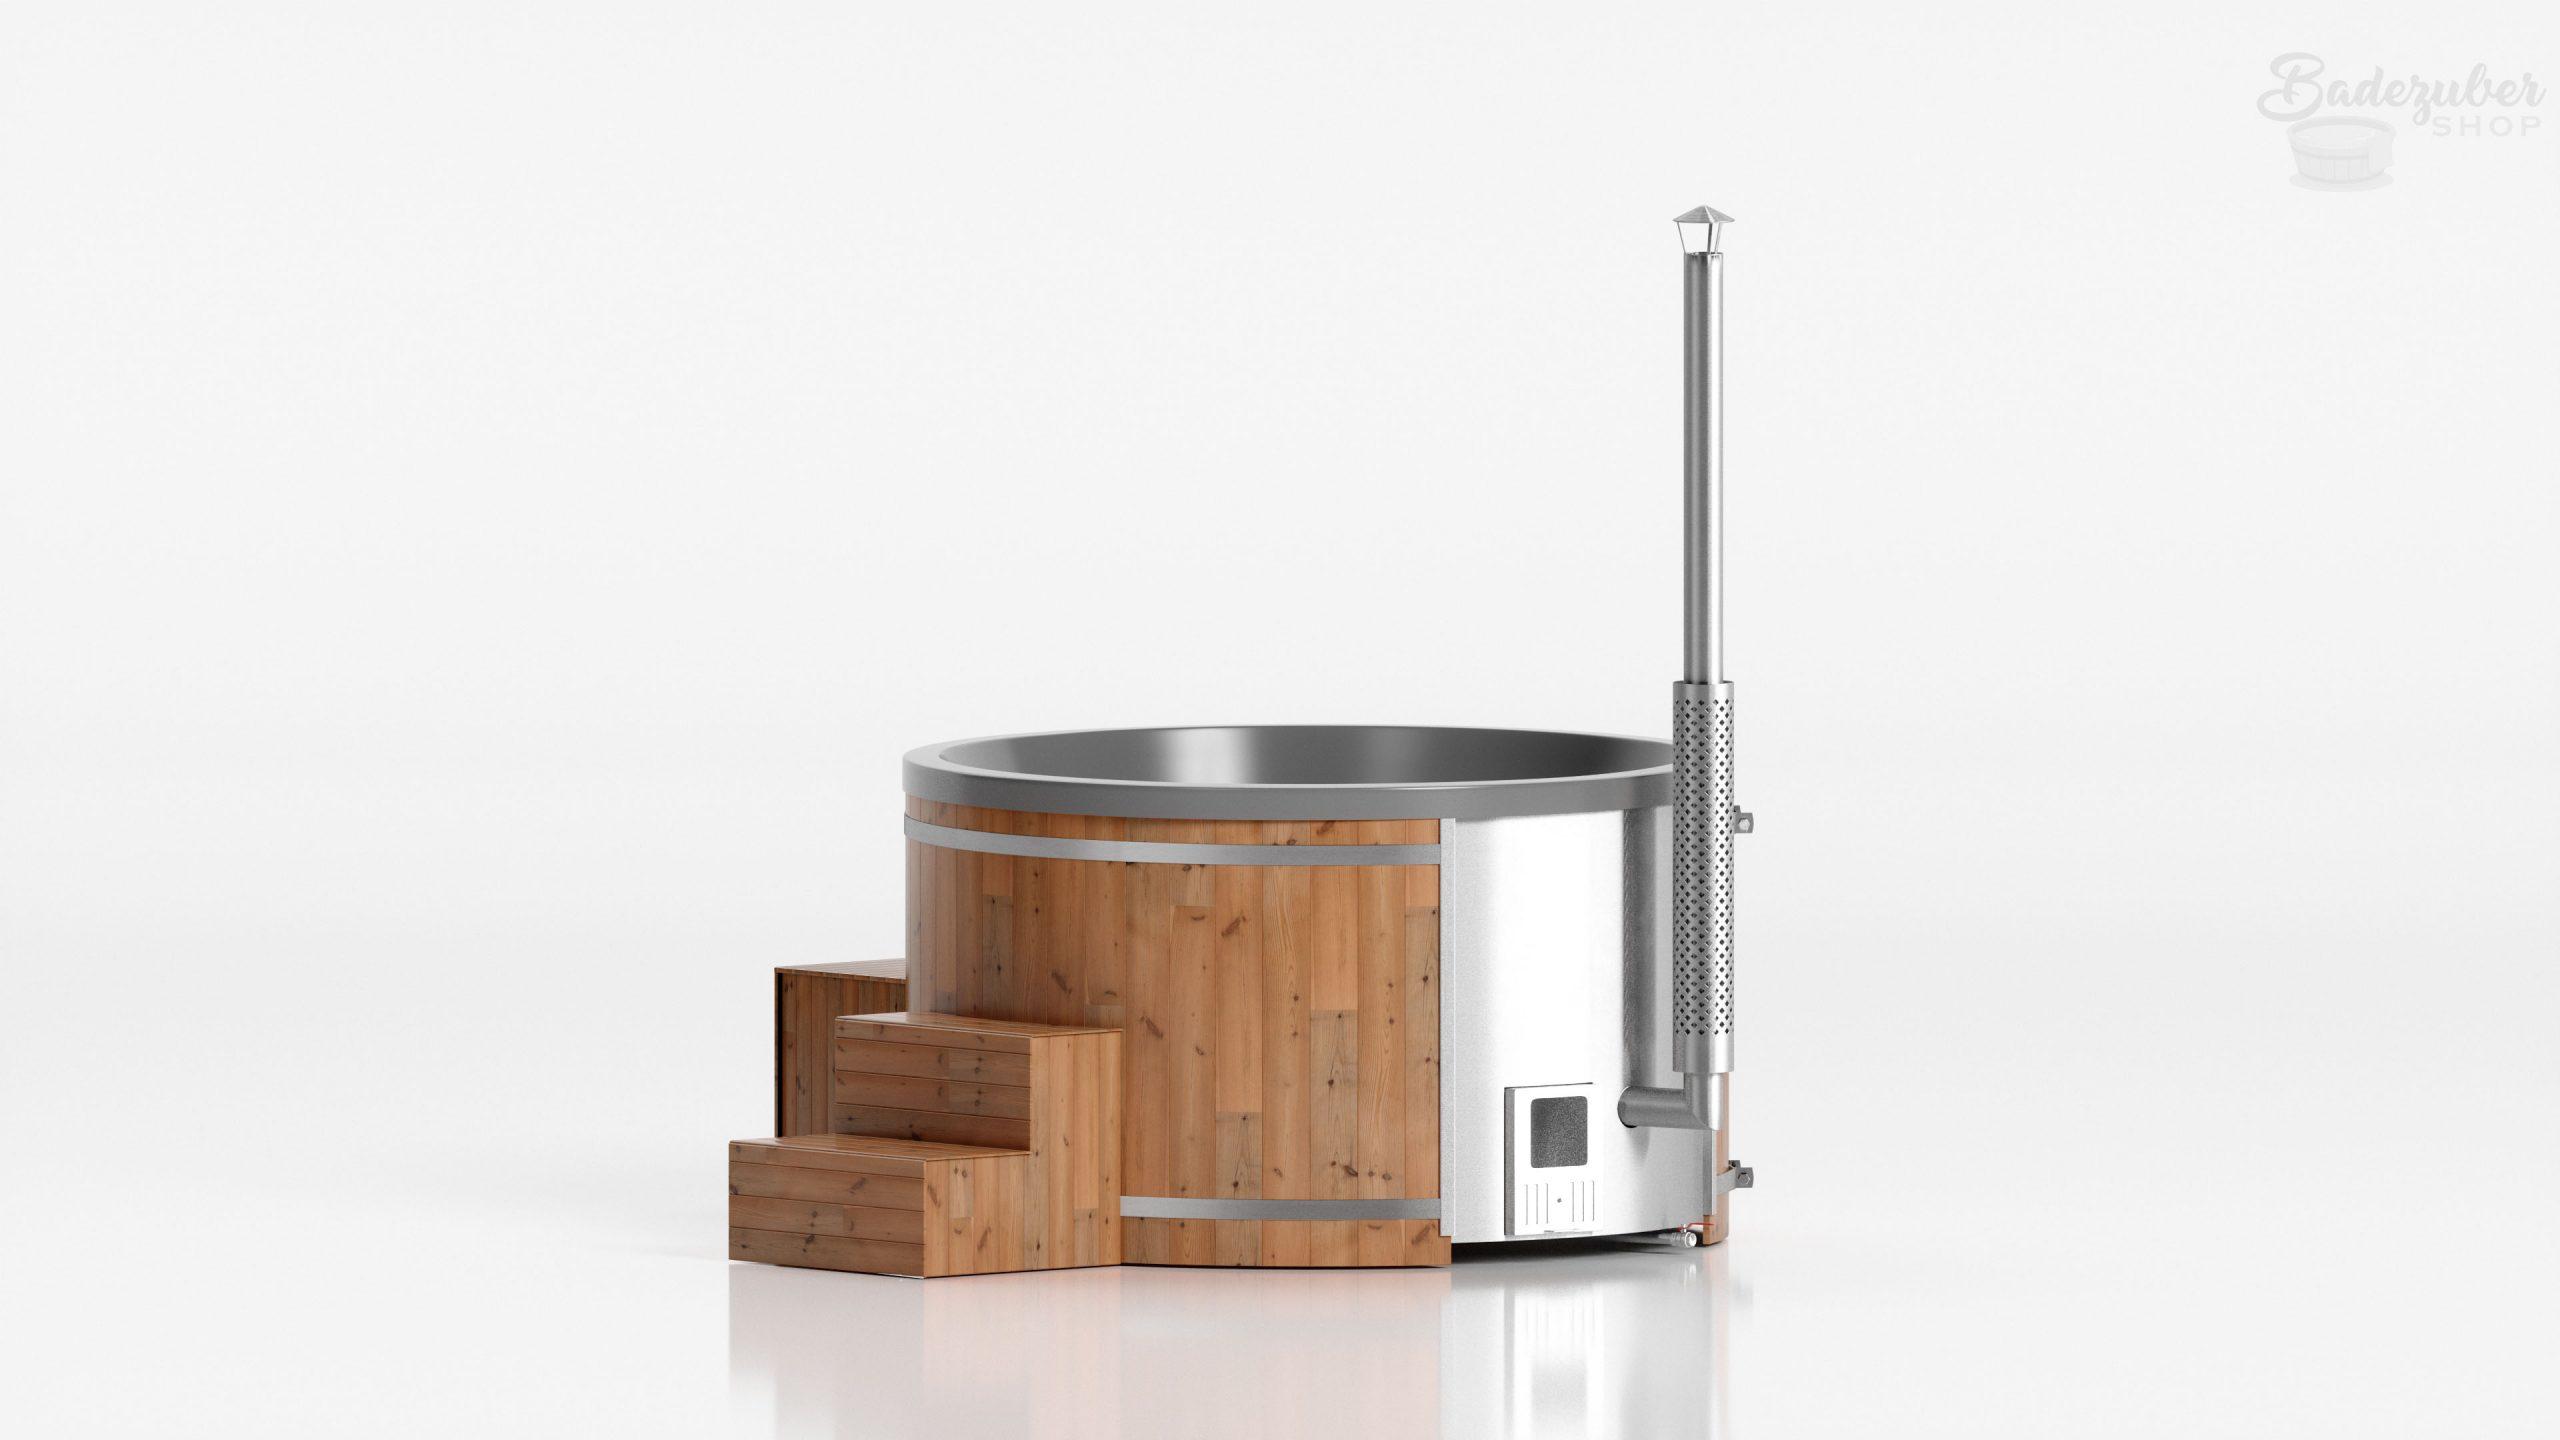 Runder Badezuber aus Acryl für bis zu 8 Personen in Grau, Verkleidung mit Lärchenholz und Lärchenlasur